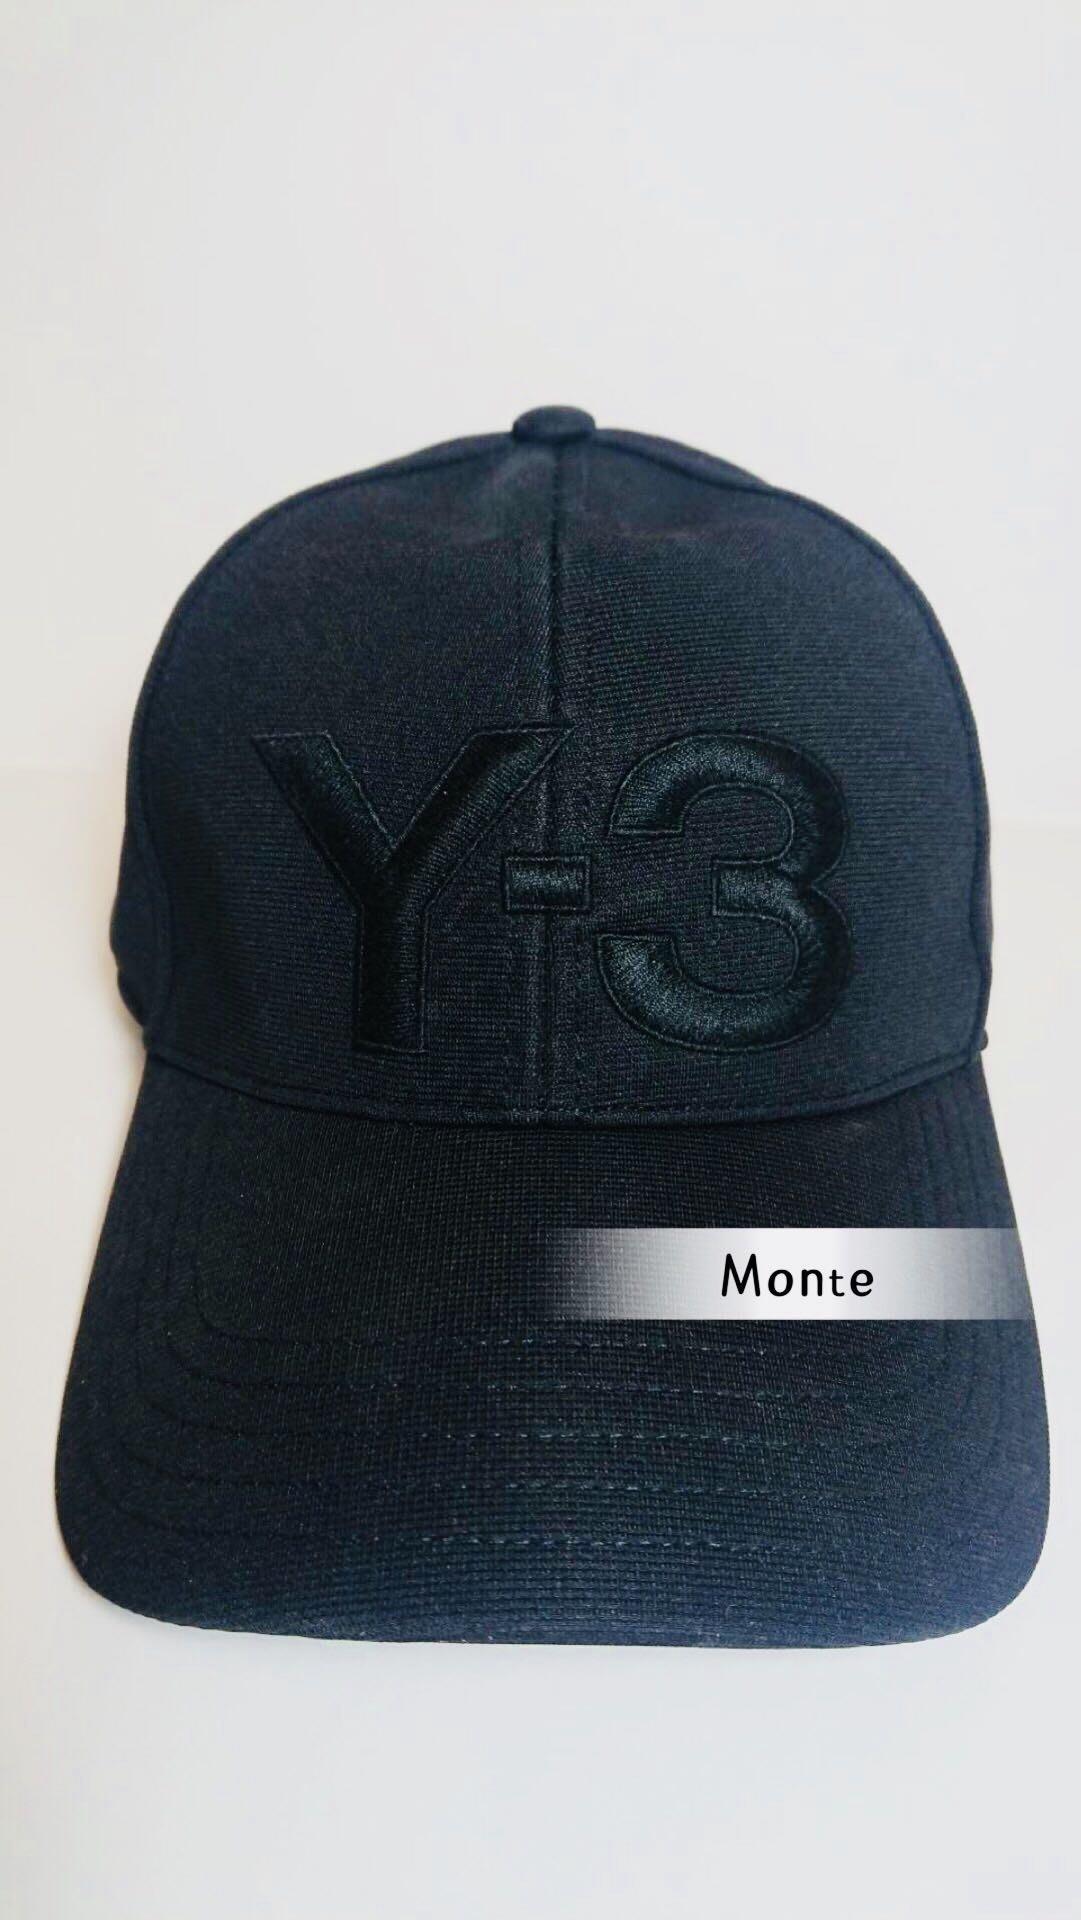 Y3 SS19 新款 刺繡棒球帽 大LOGO 蒙特歐洲精品